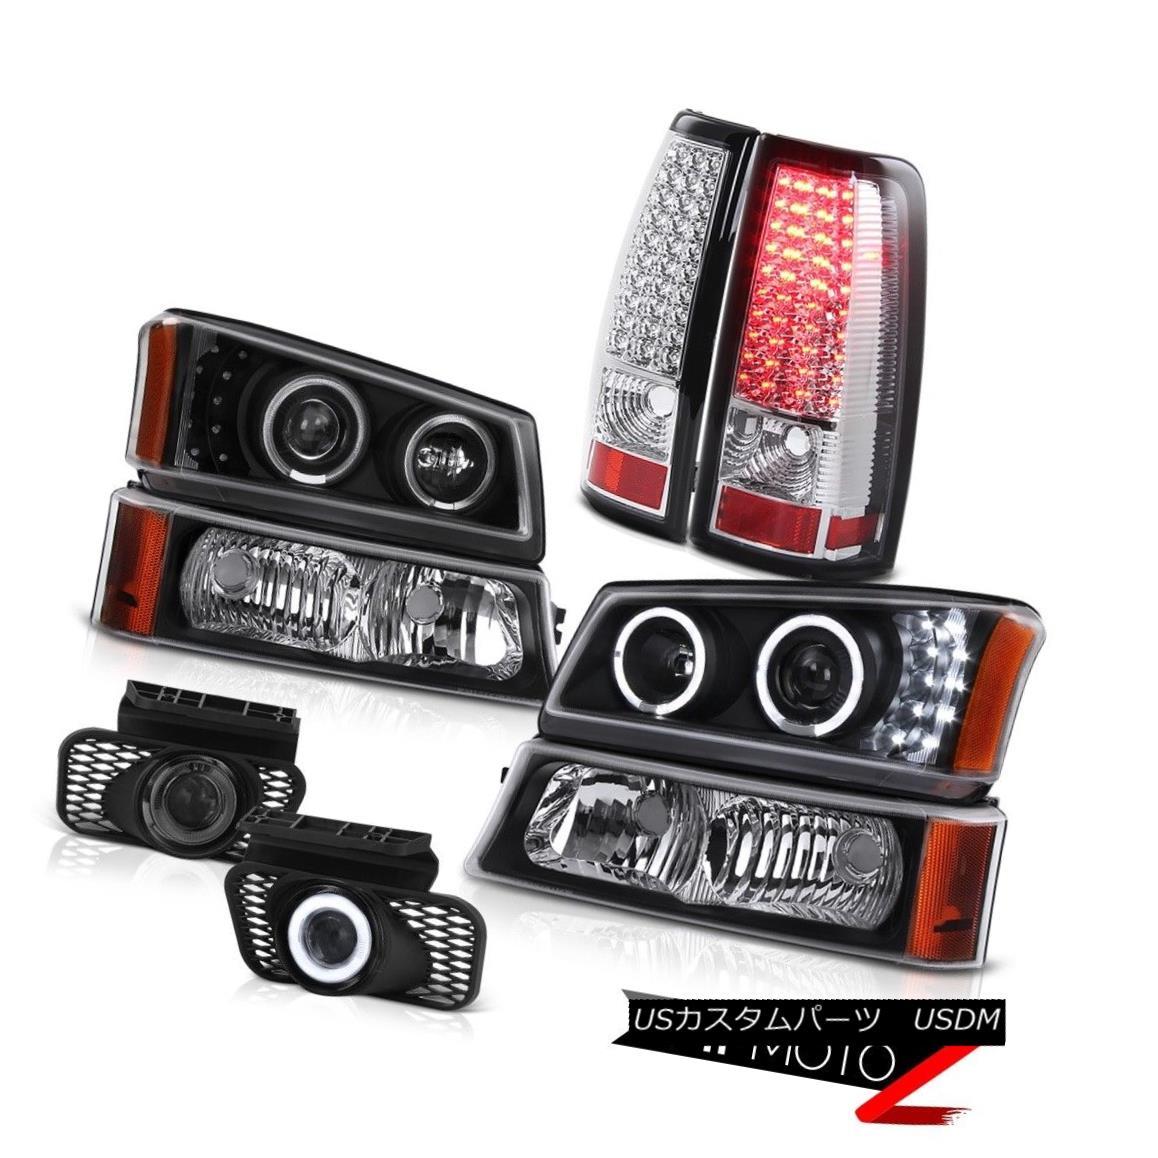 テールライト DRL LED Angel Eye Headlights Tail Lights Relay Foglamps 2003-2006 Silverado LS DRL LEDエンジェルアイヘッドライトテールライトリレーFoglamps 2003-2006 Silverado LS